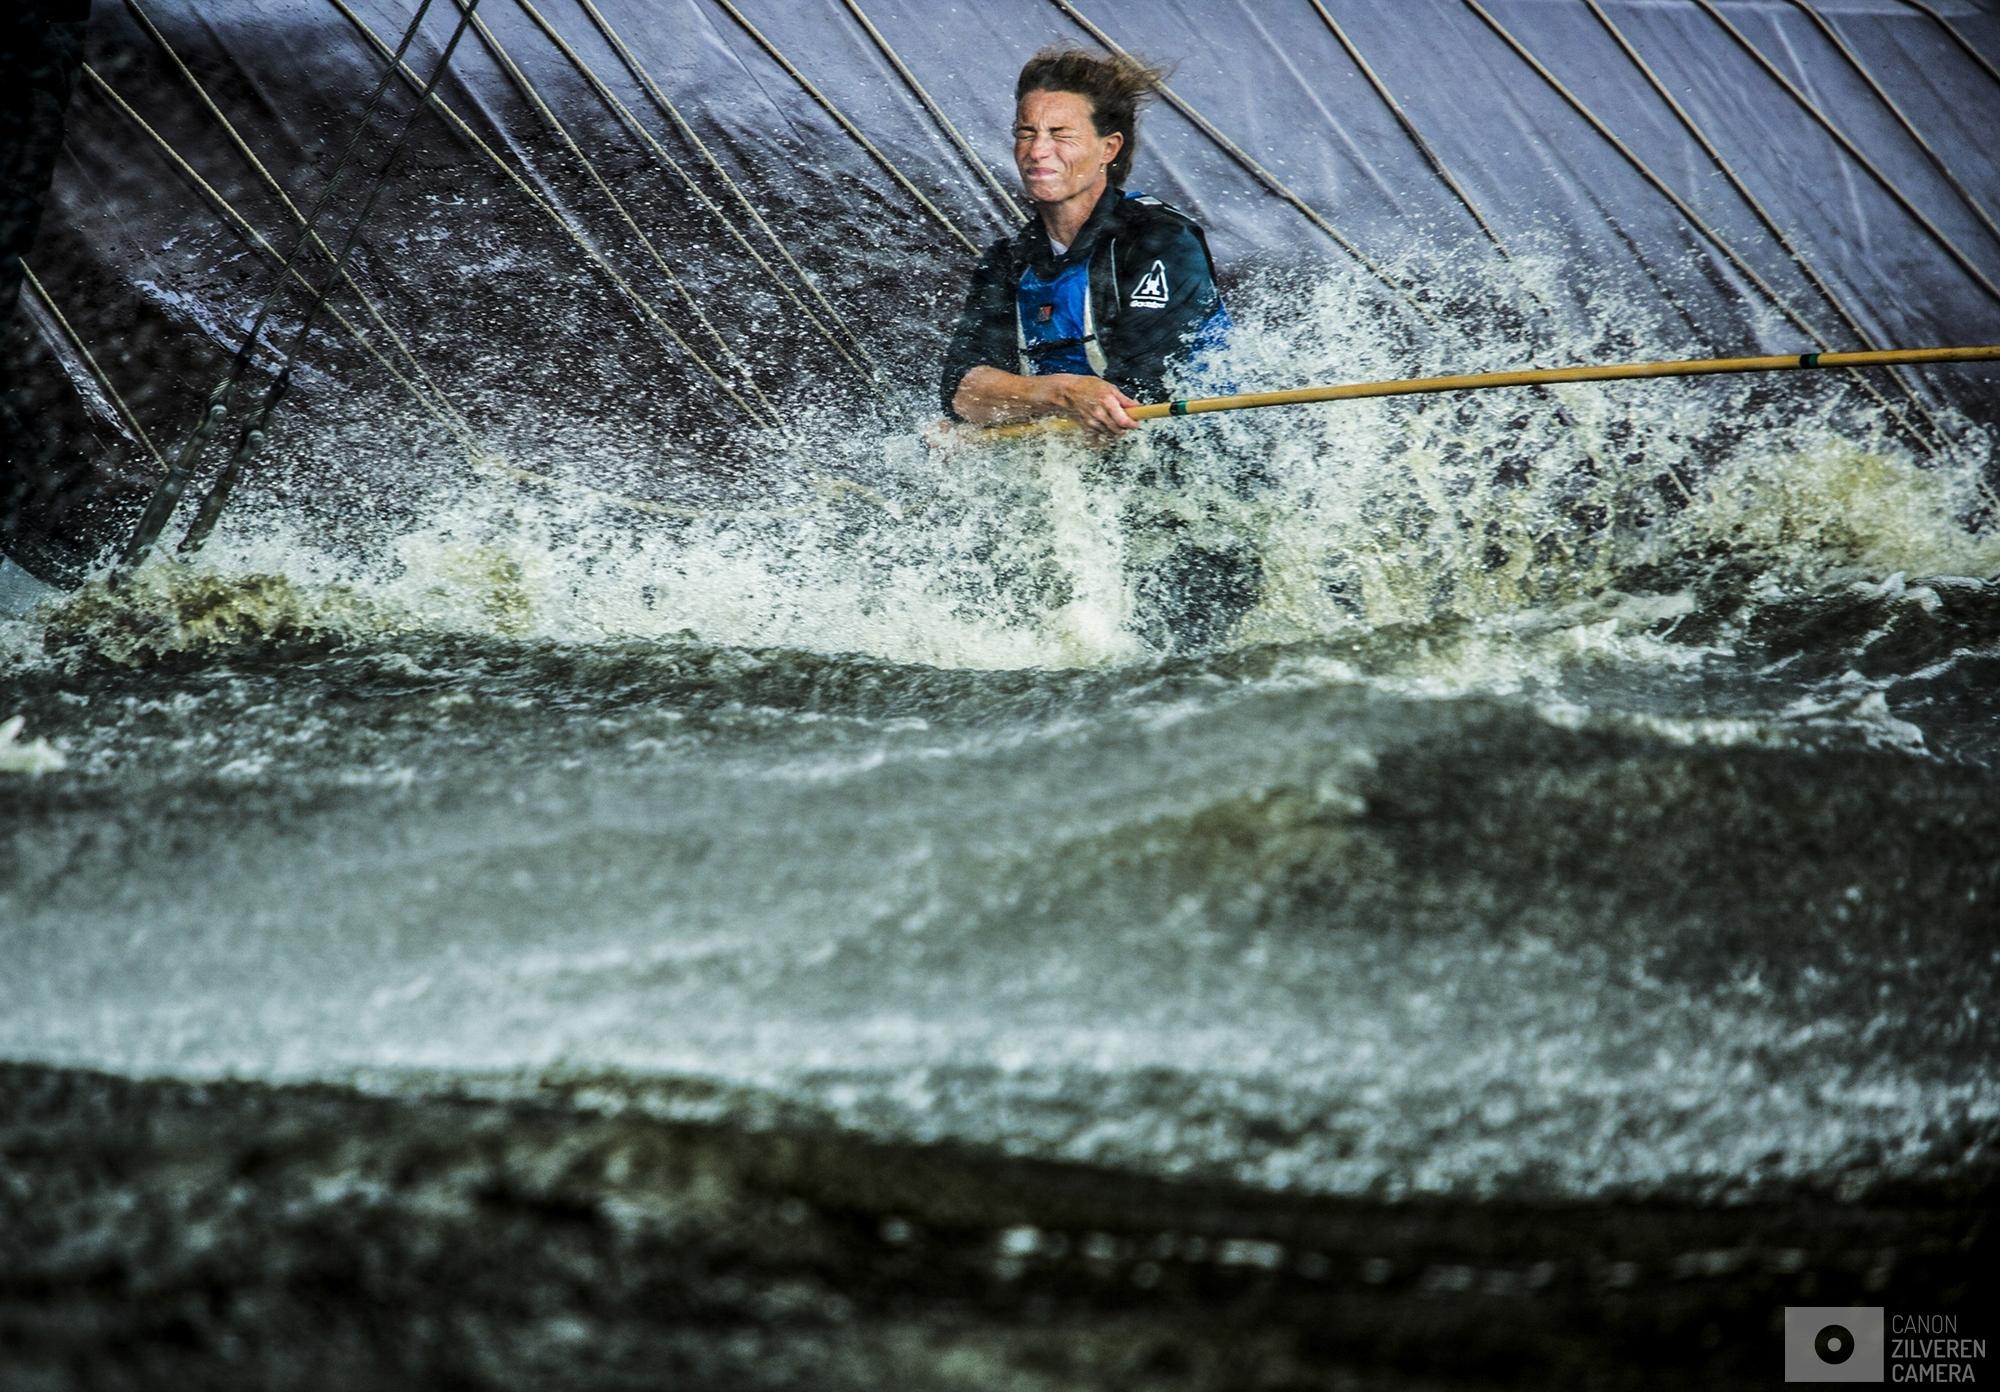 WOUDSEND - Skutsjes in actie op het water bij Woudsend tijdens de achtste wedstrijd van het traditionele skutsjesilen. Twee weken lang strijden 14 traditionele Friese platbodems tegen elkaar op de meren van Friesland.